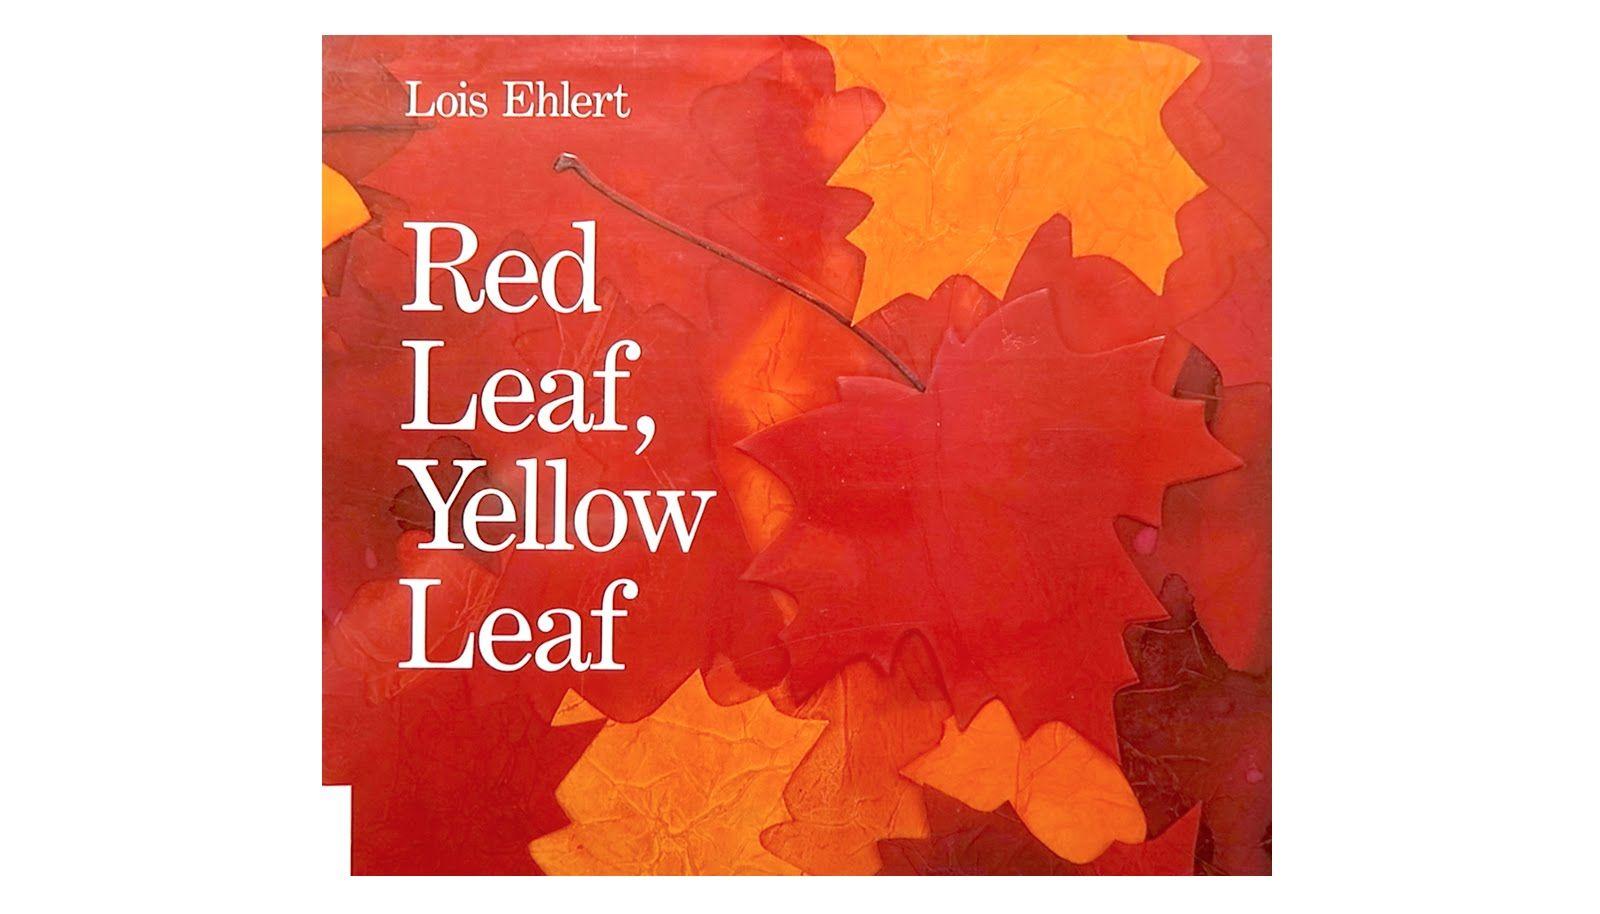 Red Leaf Yellow Leaf By Lois Ehlert